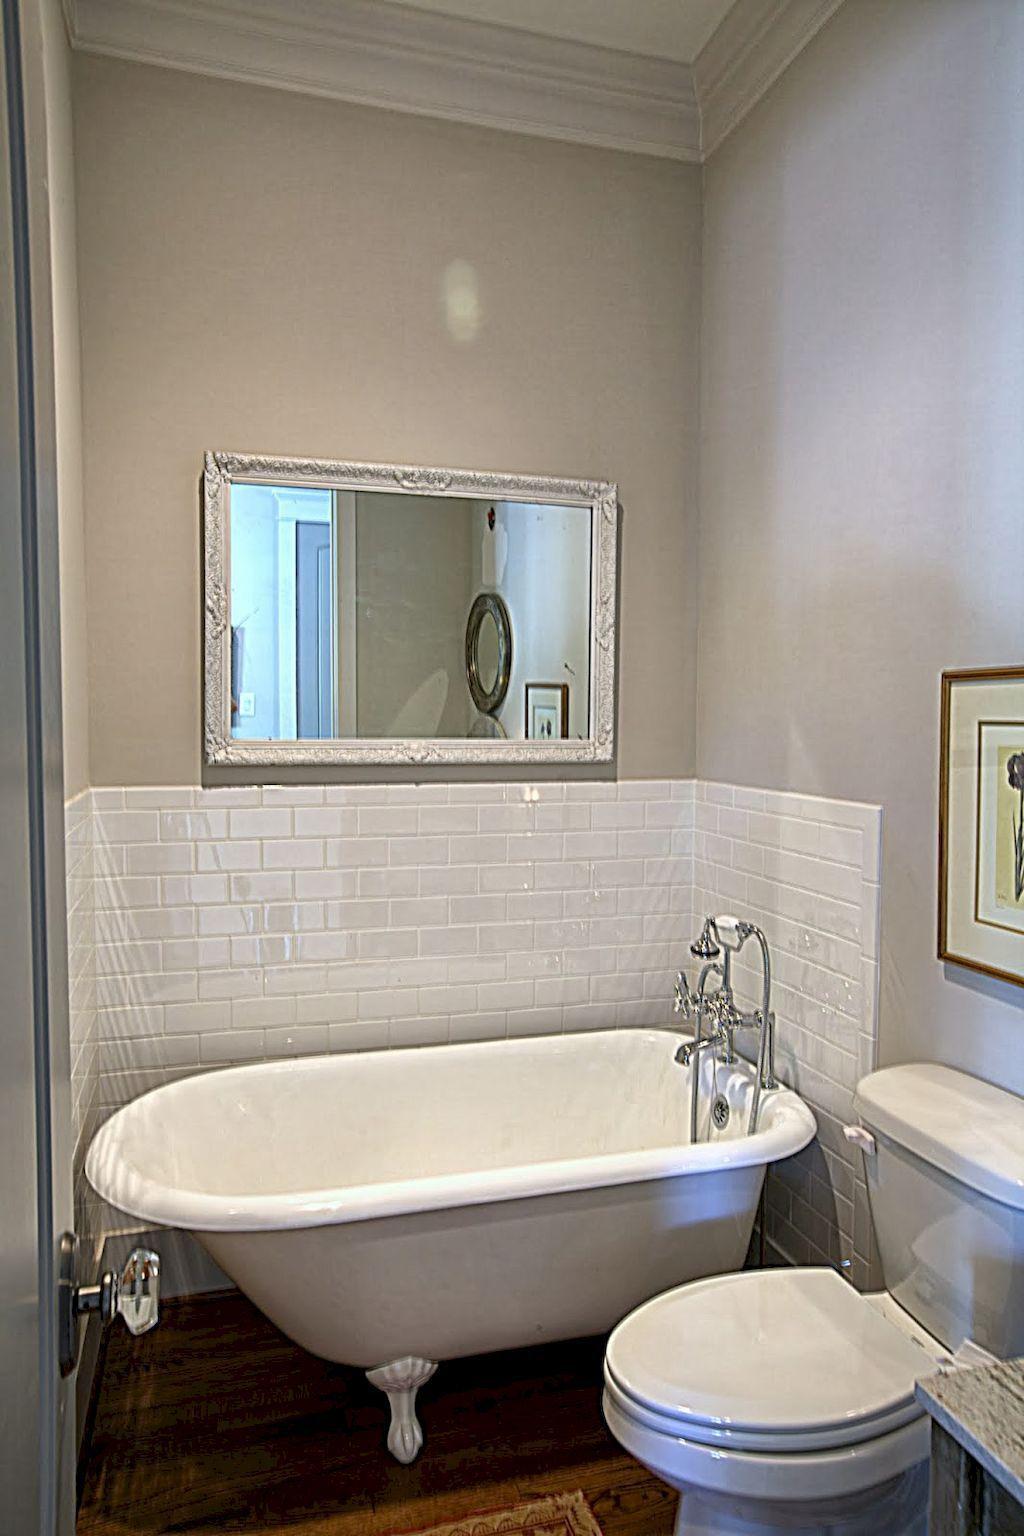 Best Small Bathroom Remodel Ideas On A Budget 6 Clawfoot Tub